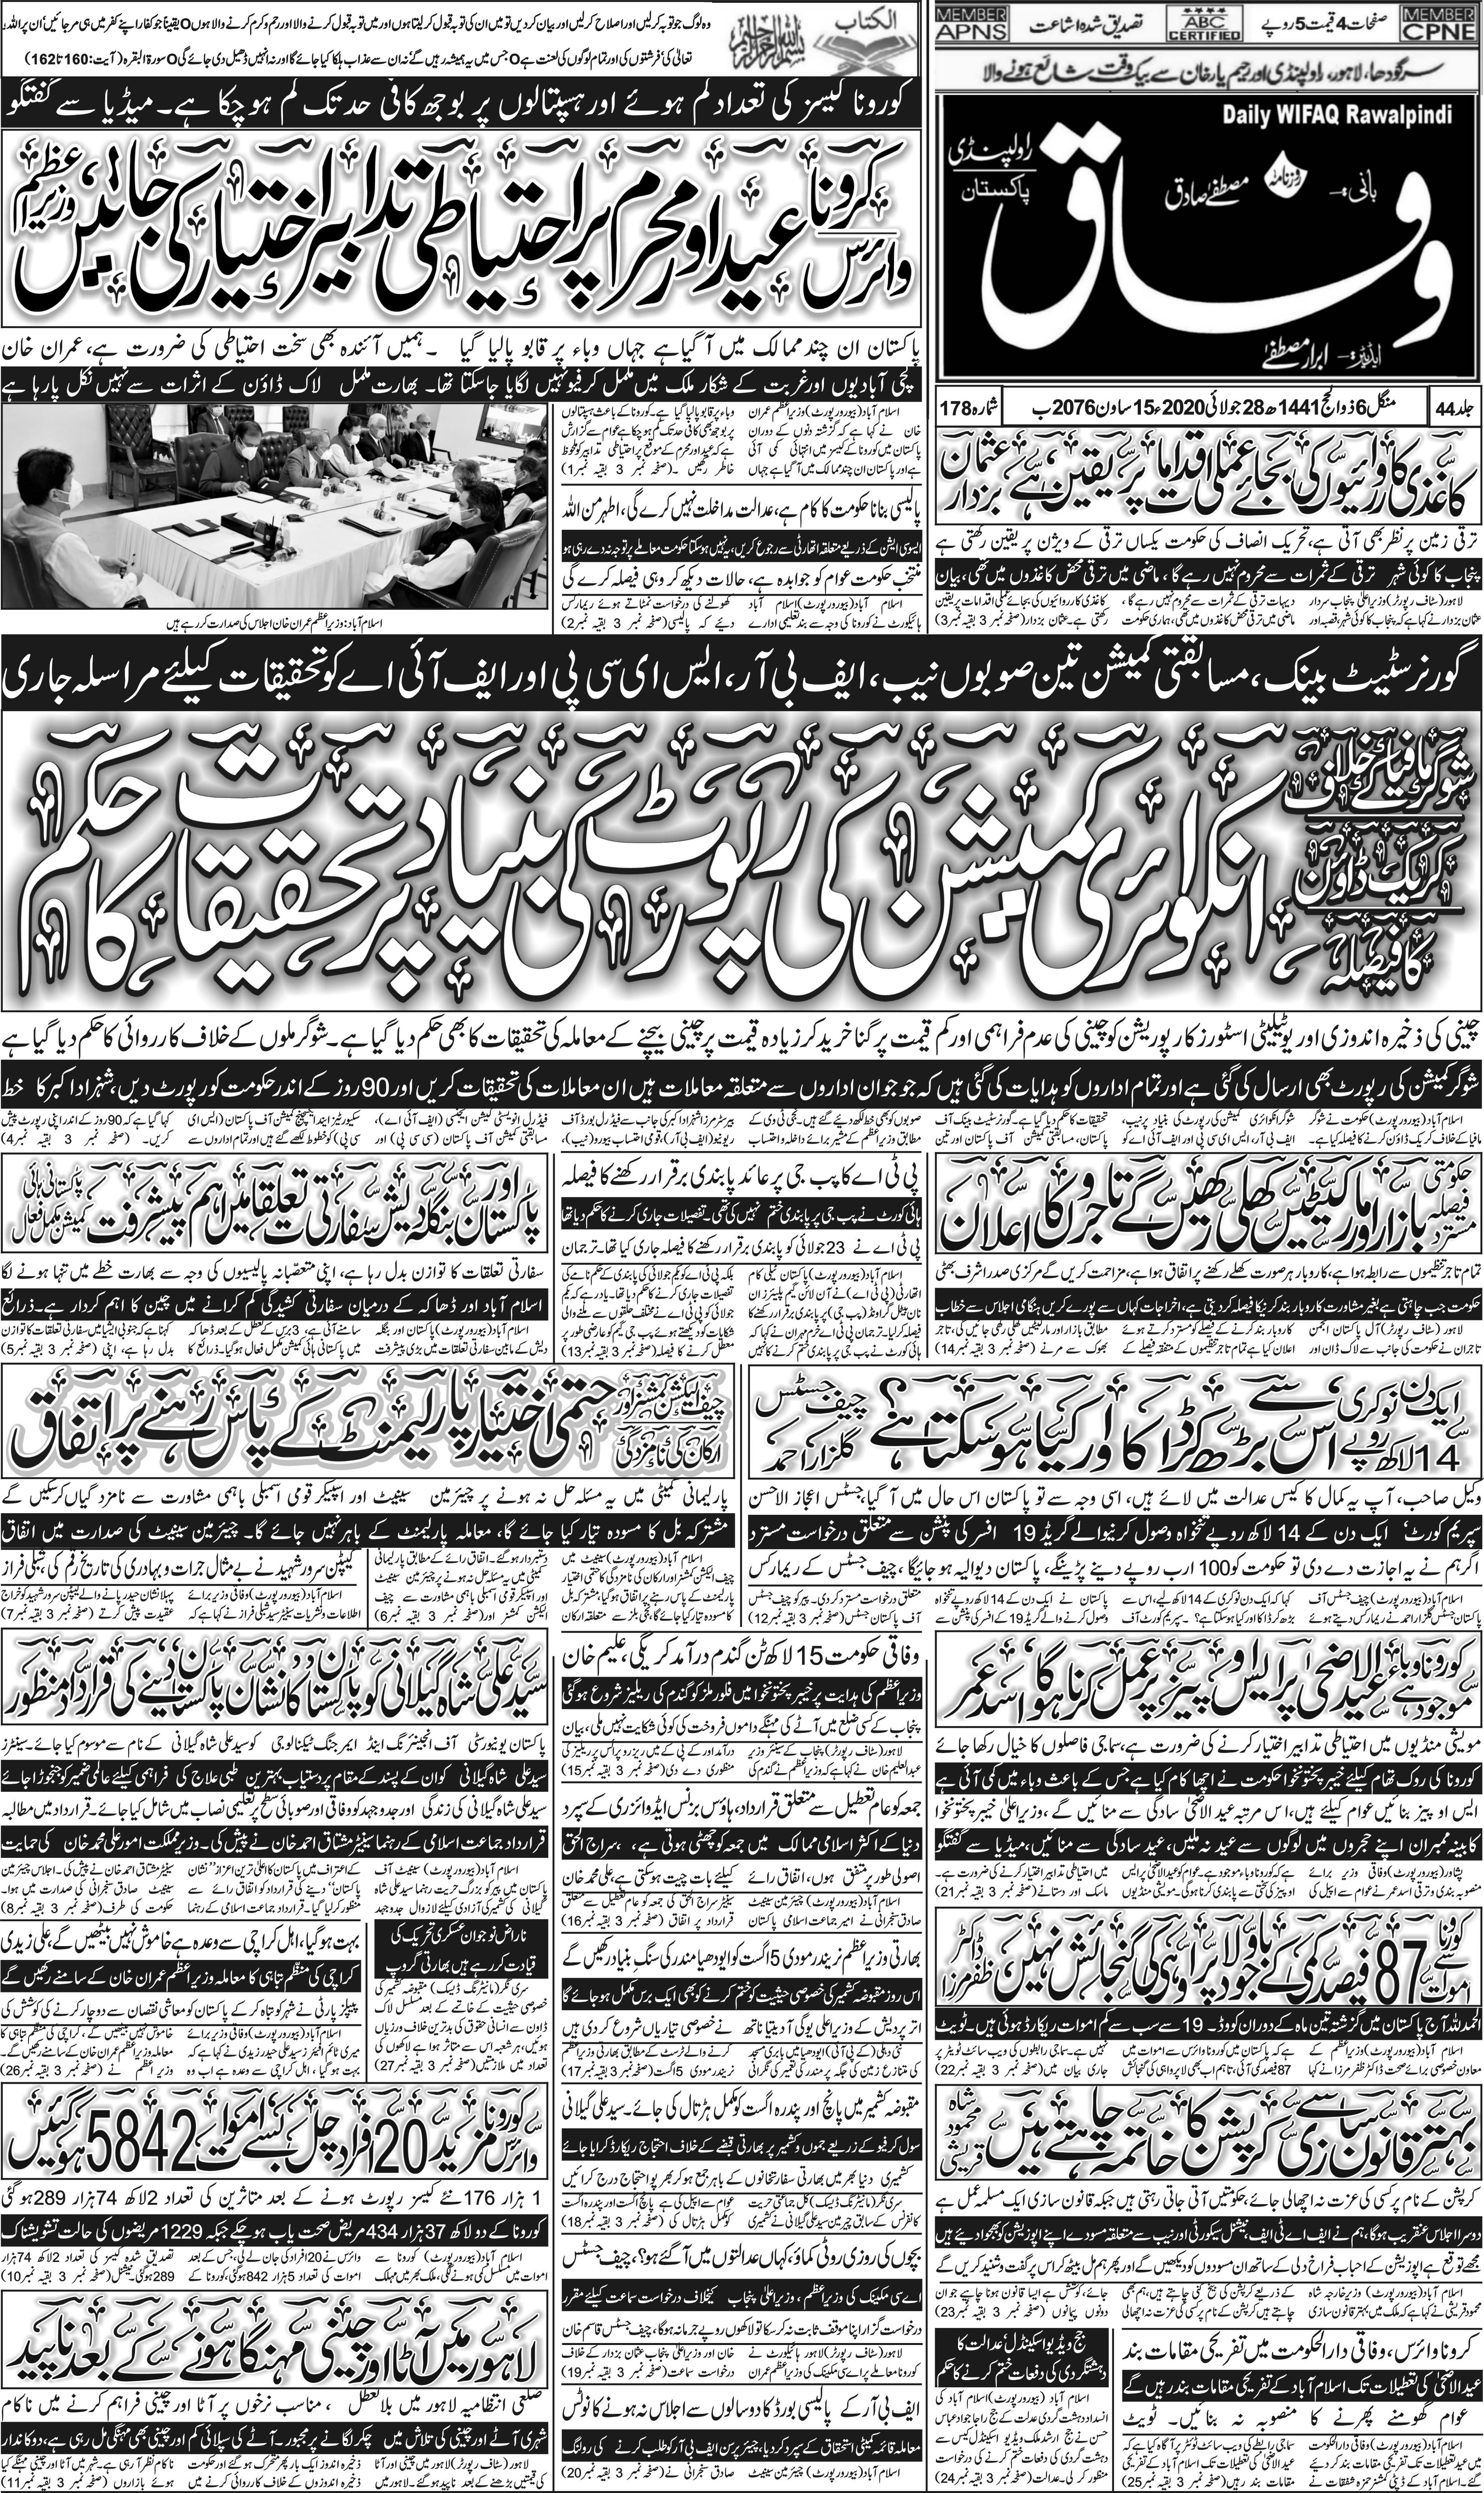 e-Paper – Daily Wifaq – Rawalpindi – 28-07-2020